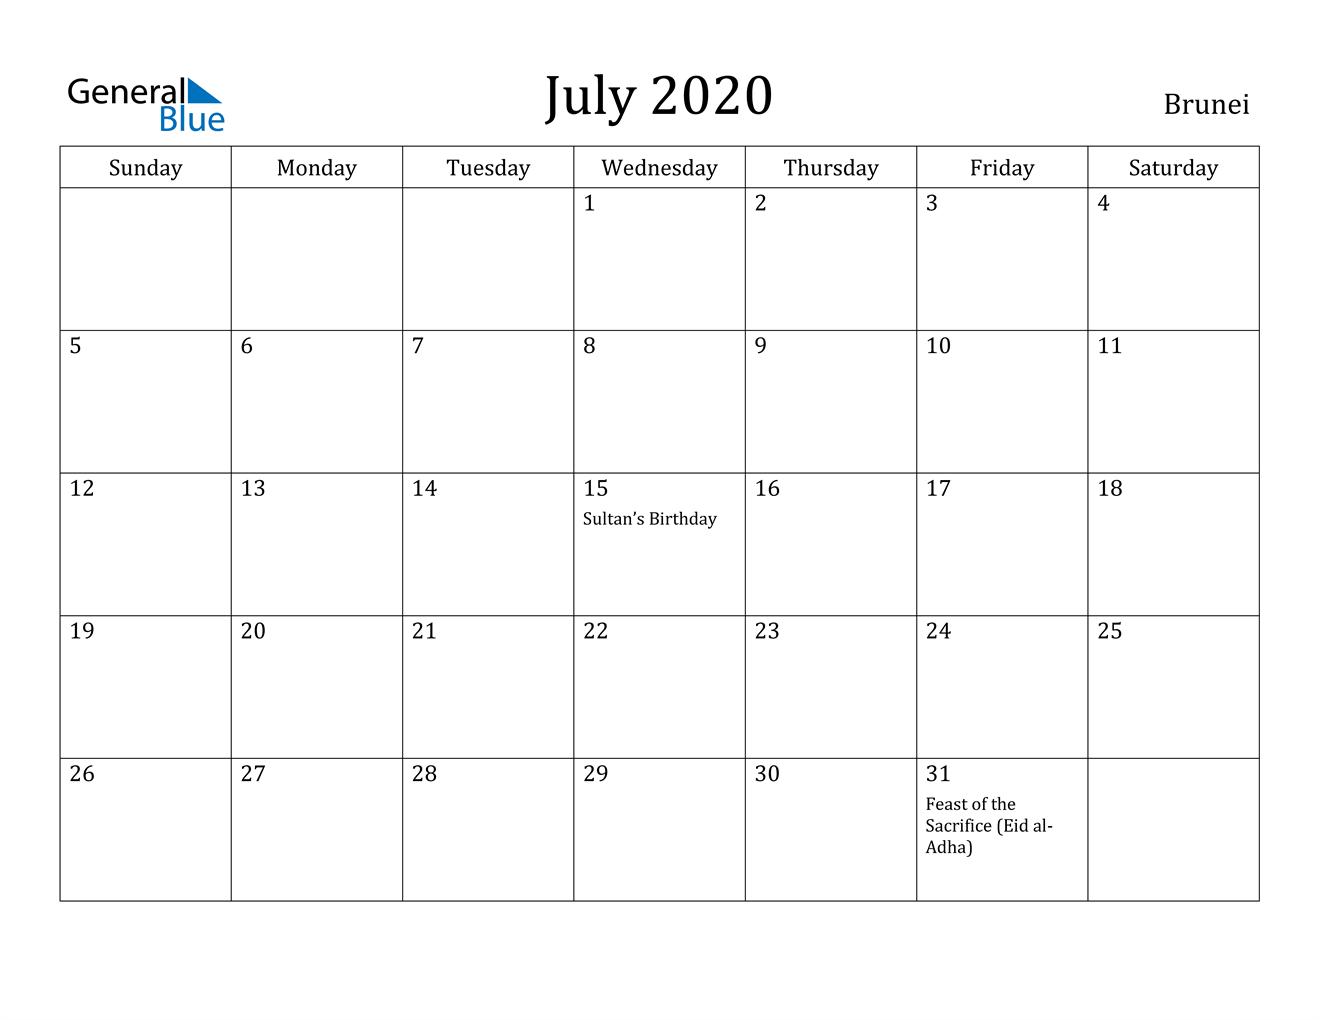 July 2020 Calendar - Brunei